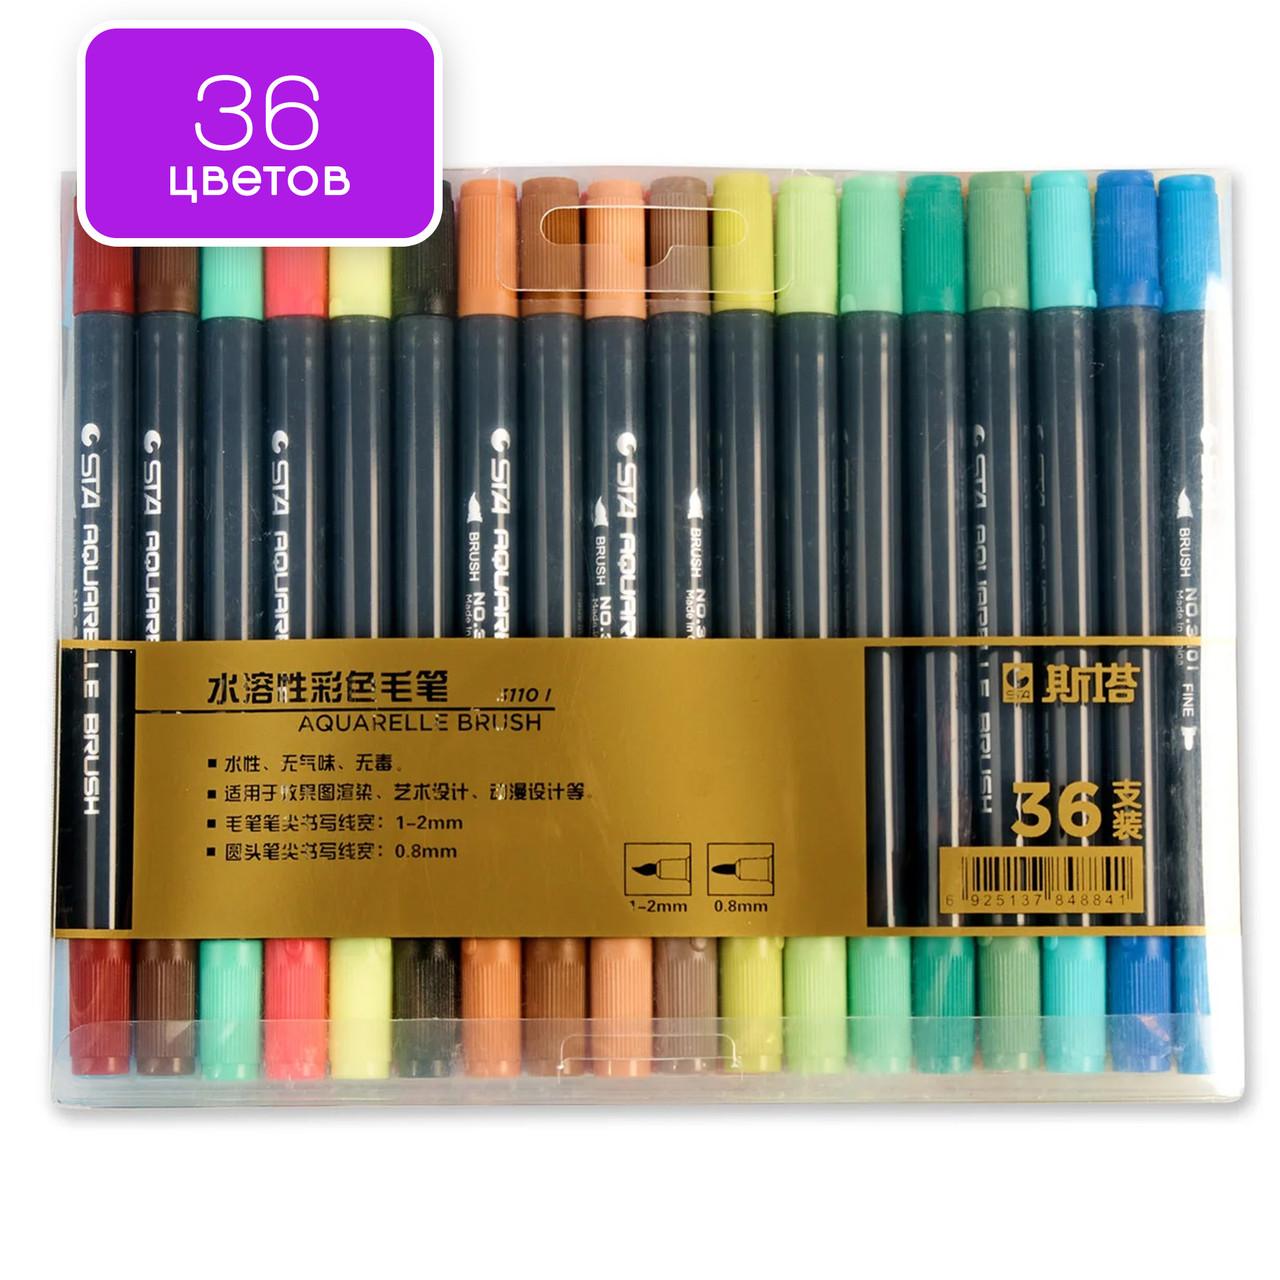 Набор двусторонних акварельных маркеров на водной основе STA 36 цветов (B141220) авкамаркеры, ВИДЕООБЗОР!